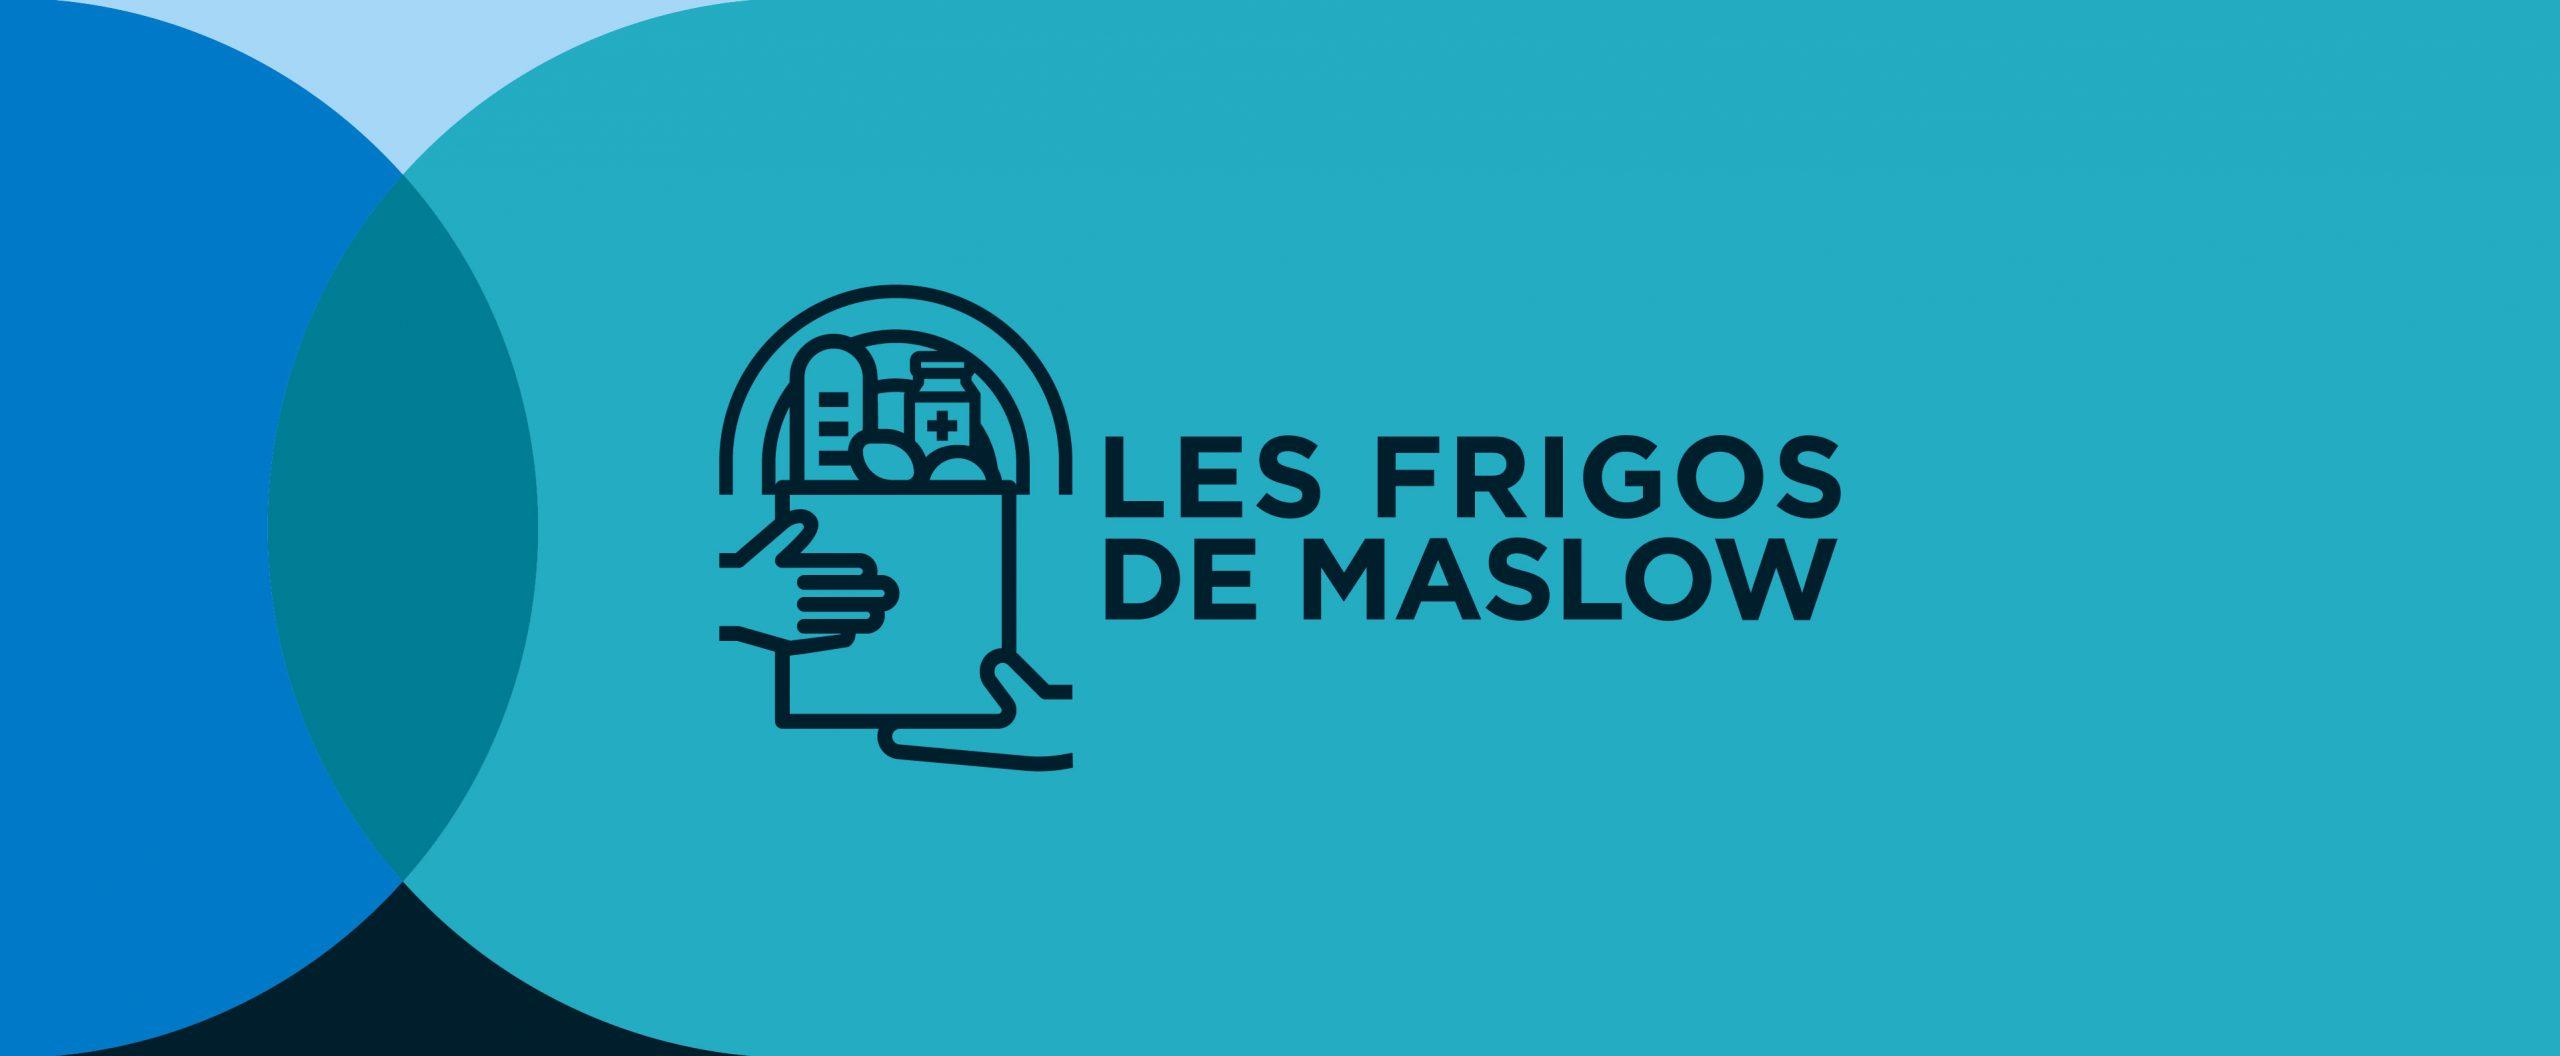 Les frigos de Maslow - fondation cervo